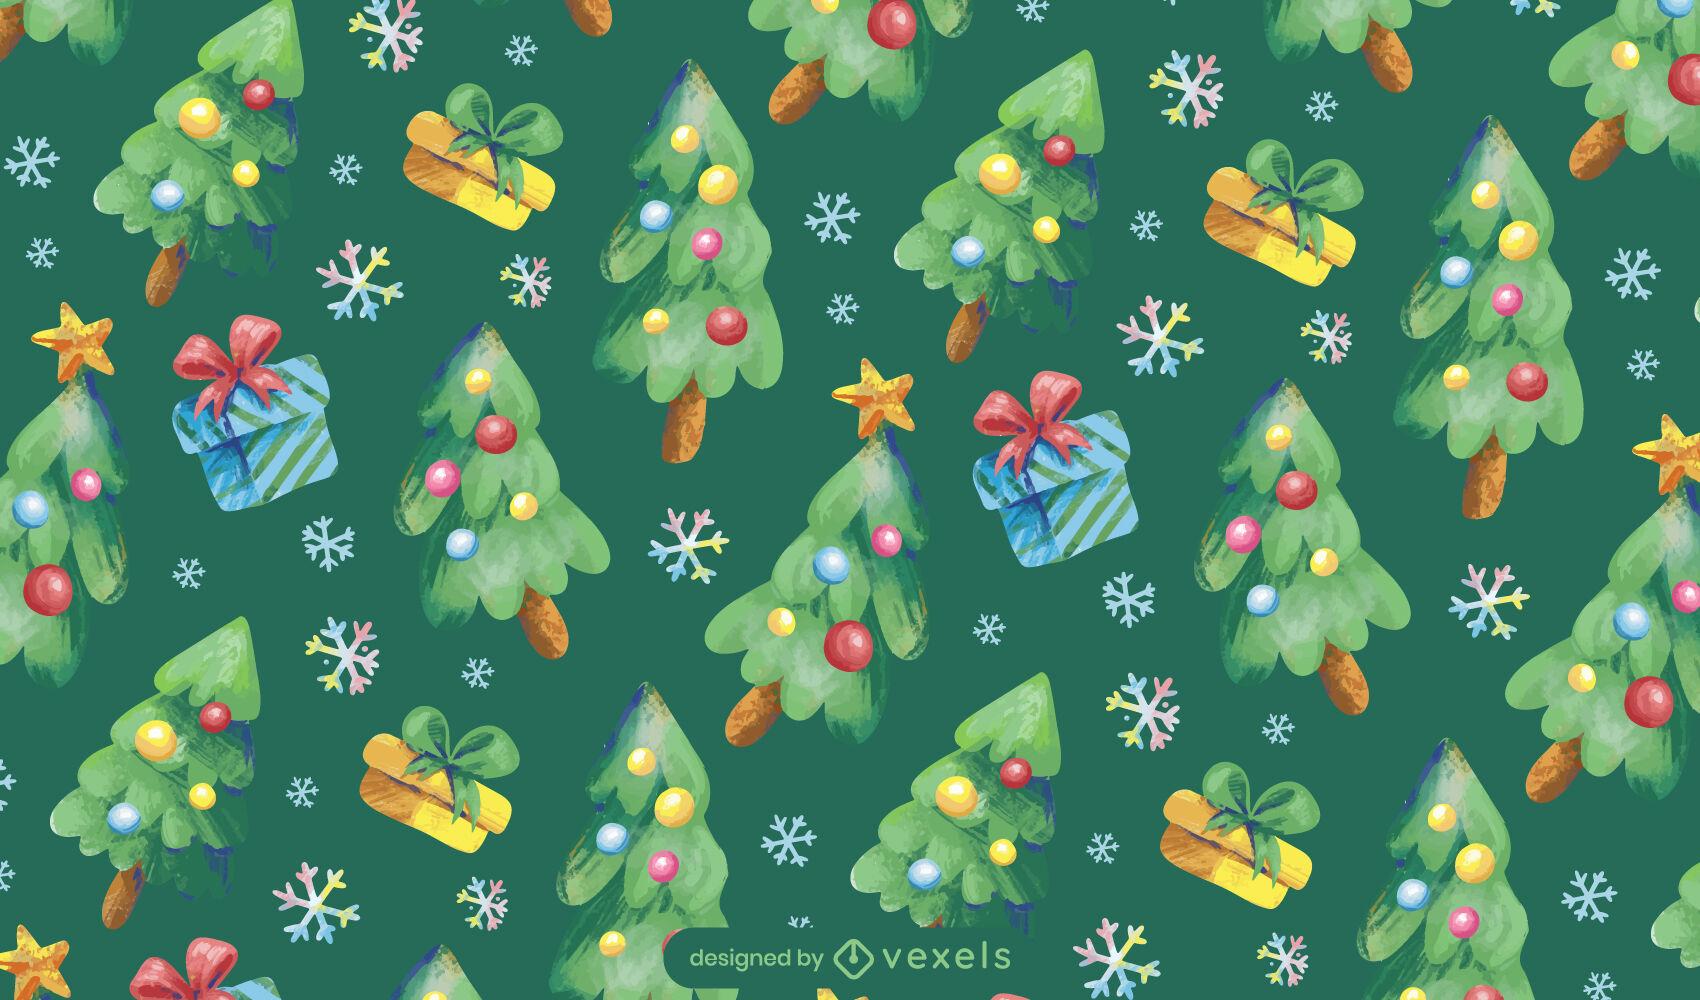 Weihnachtsbaum und Geschenke Musterdesign